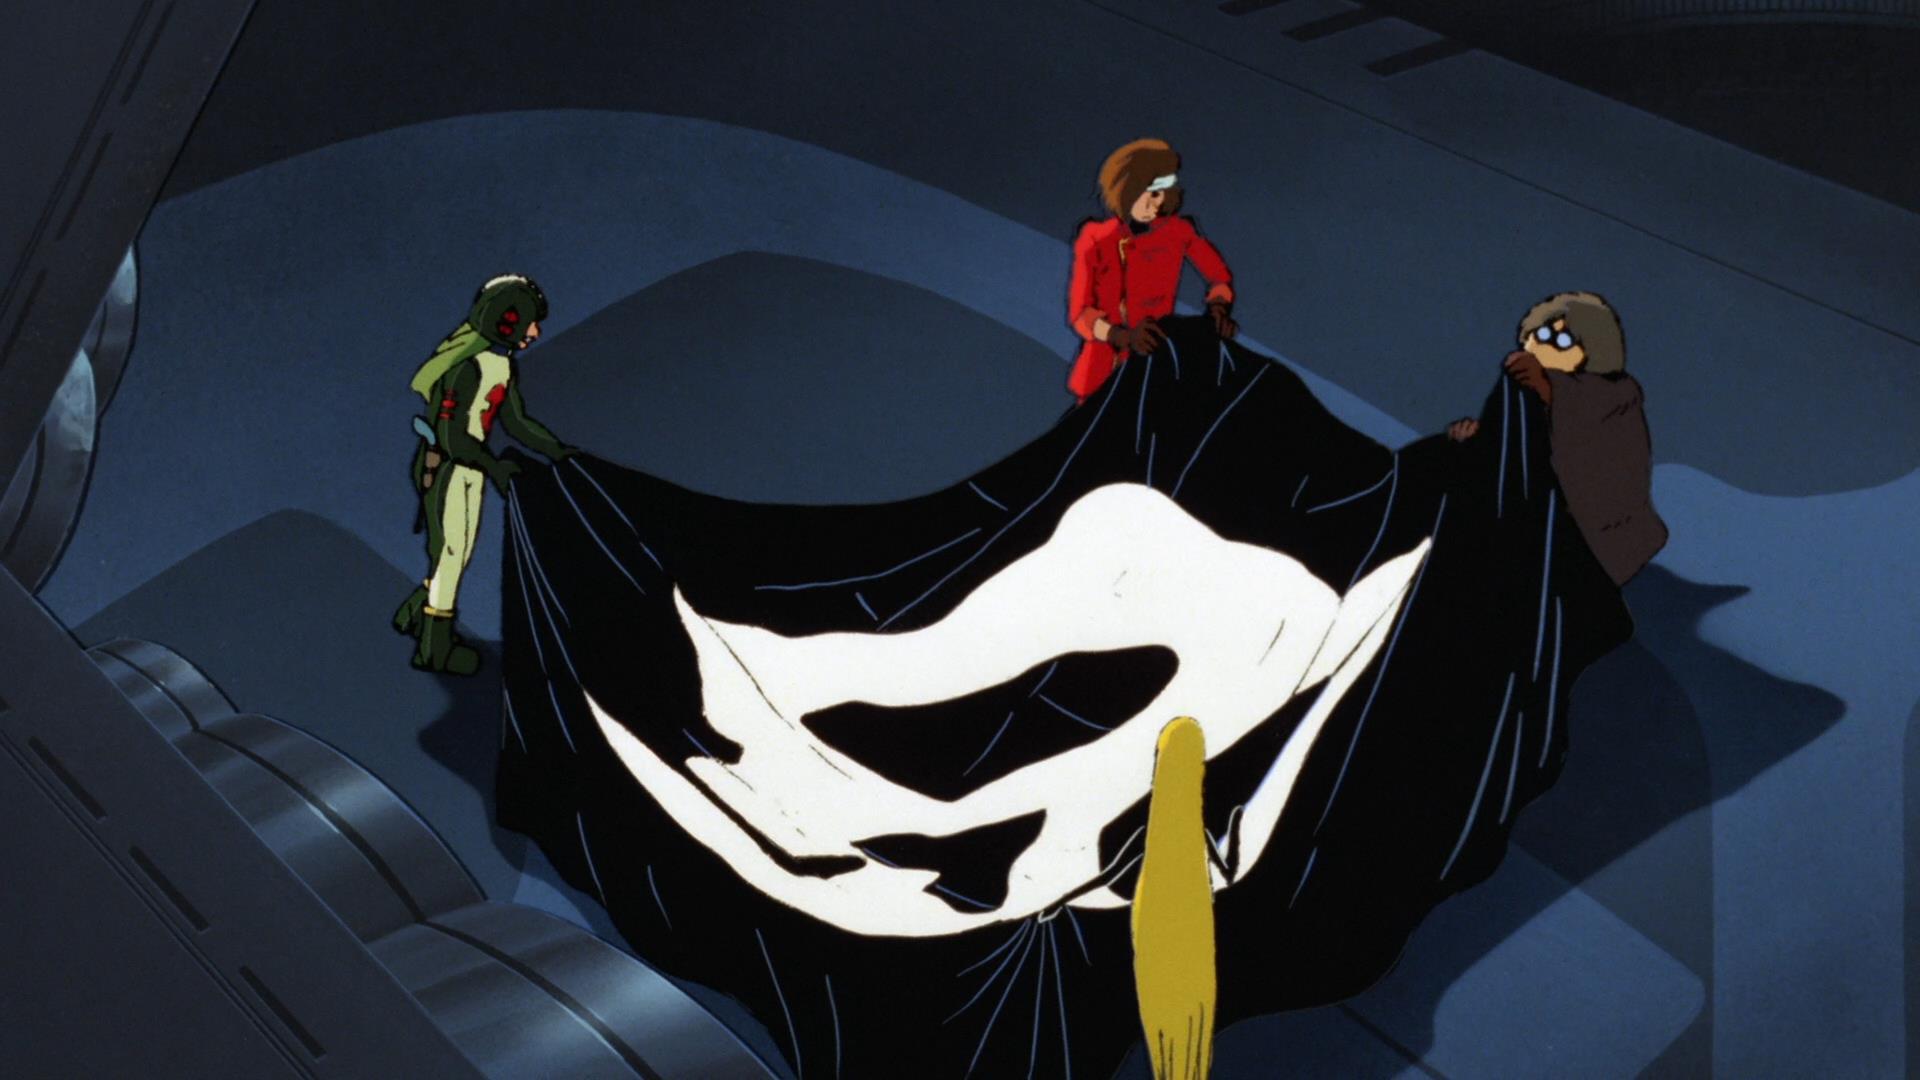 Una scena del film animato dl 1982 Capitan Harlock - L'Arcadia della mia giovinezza